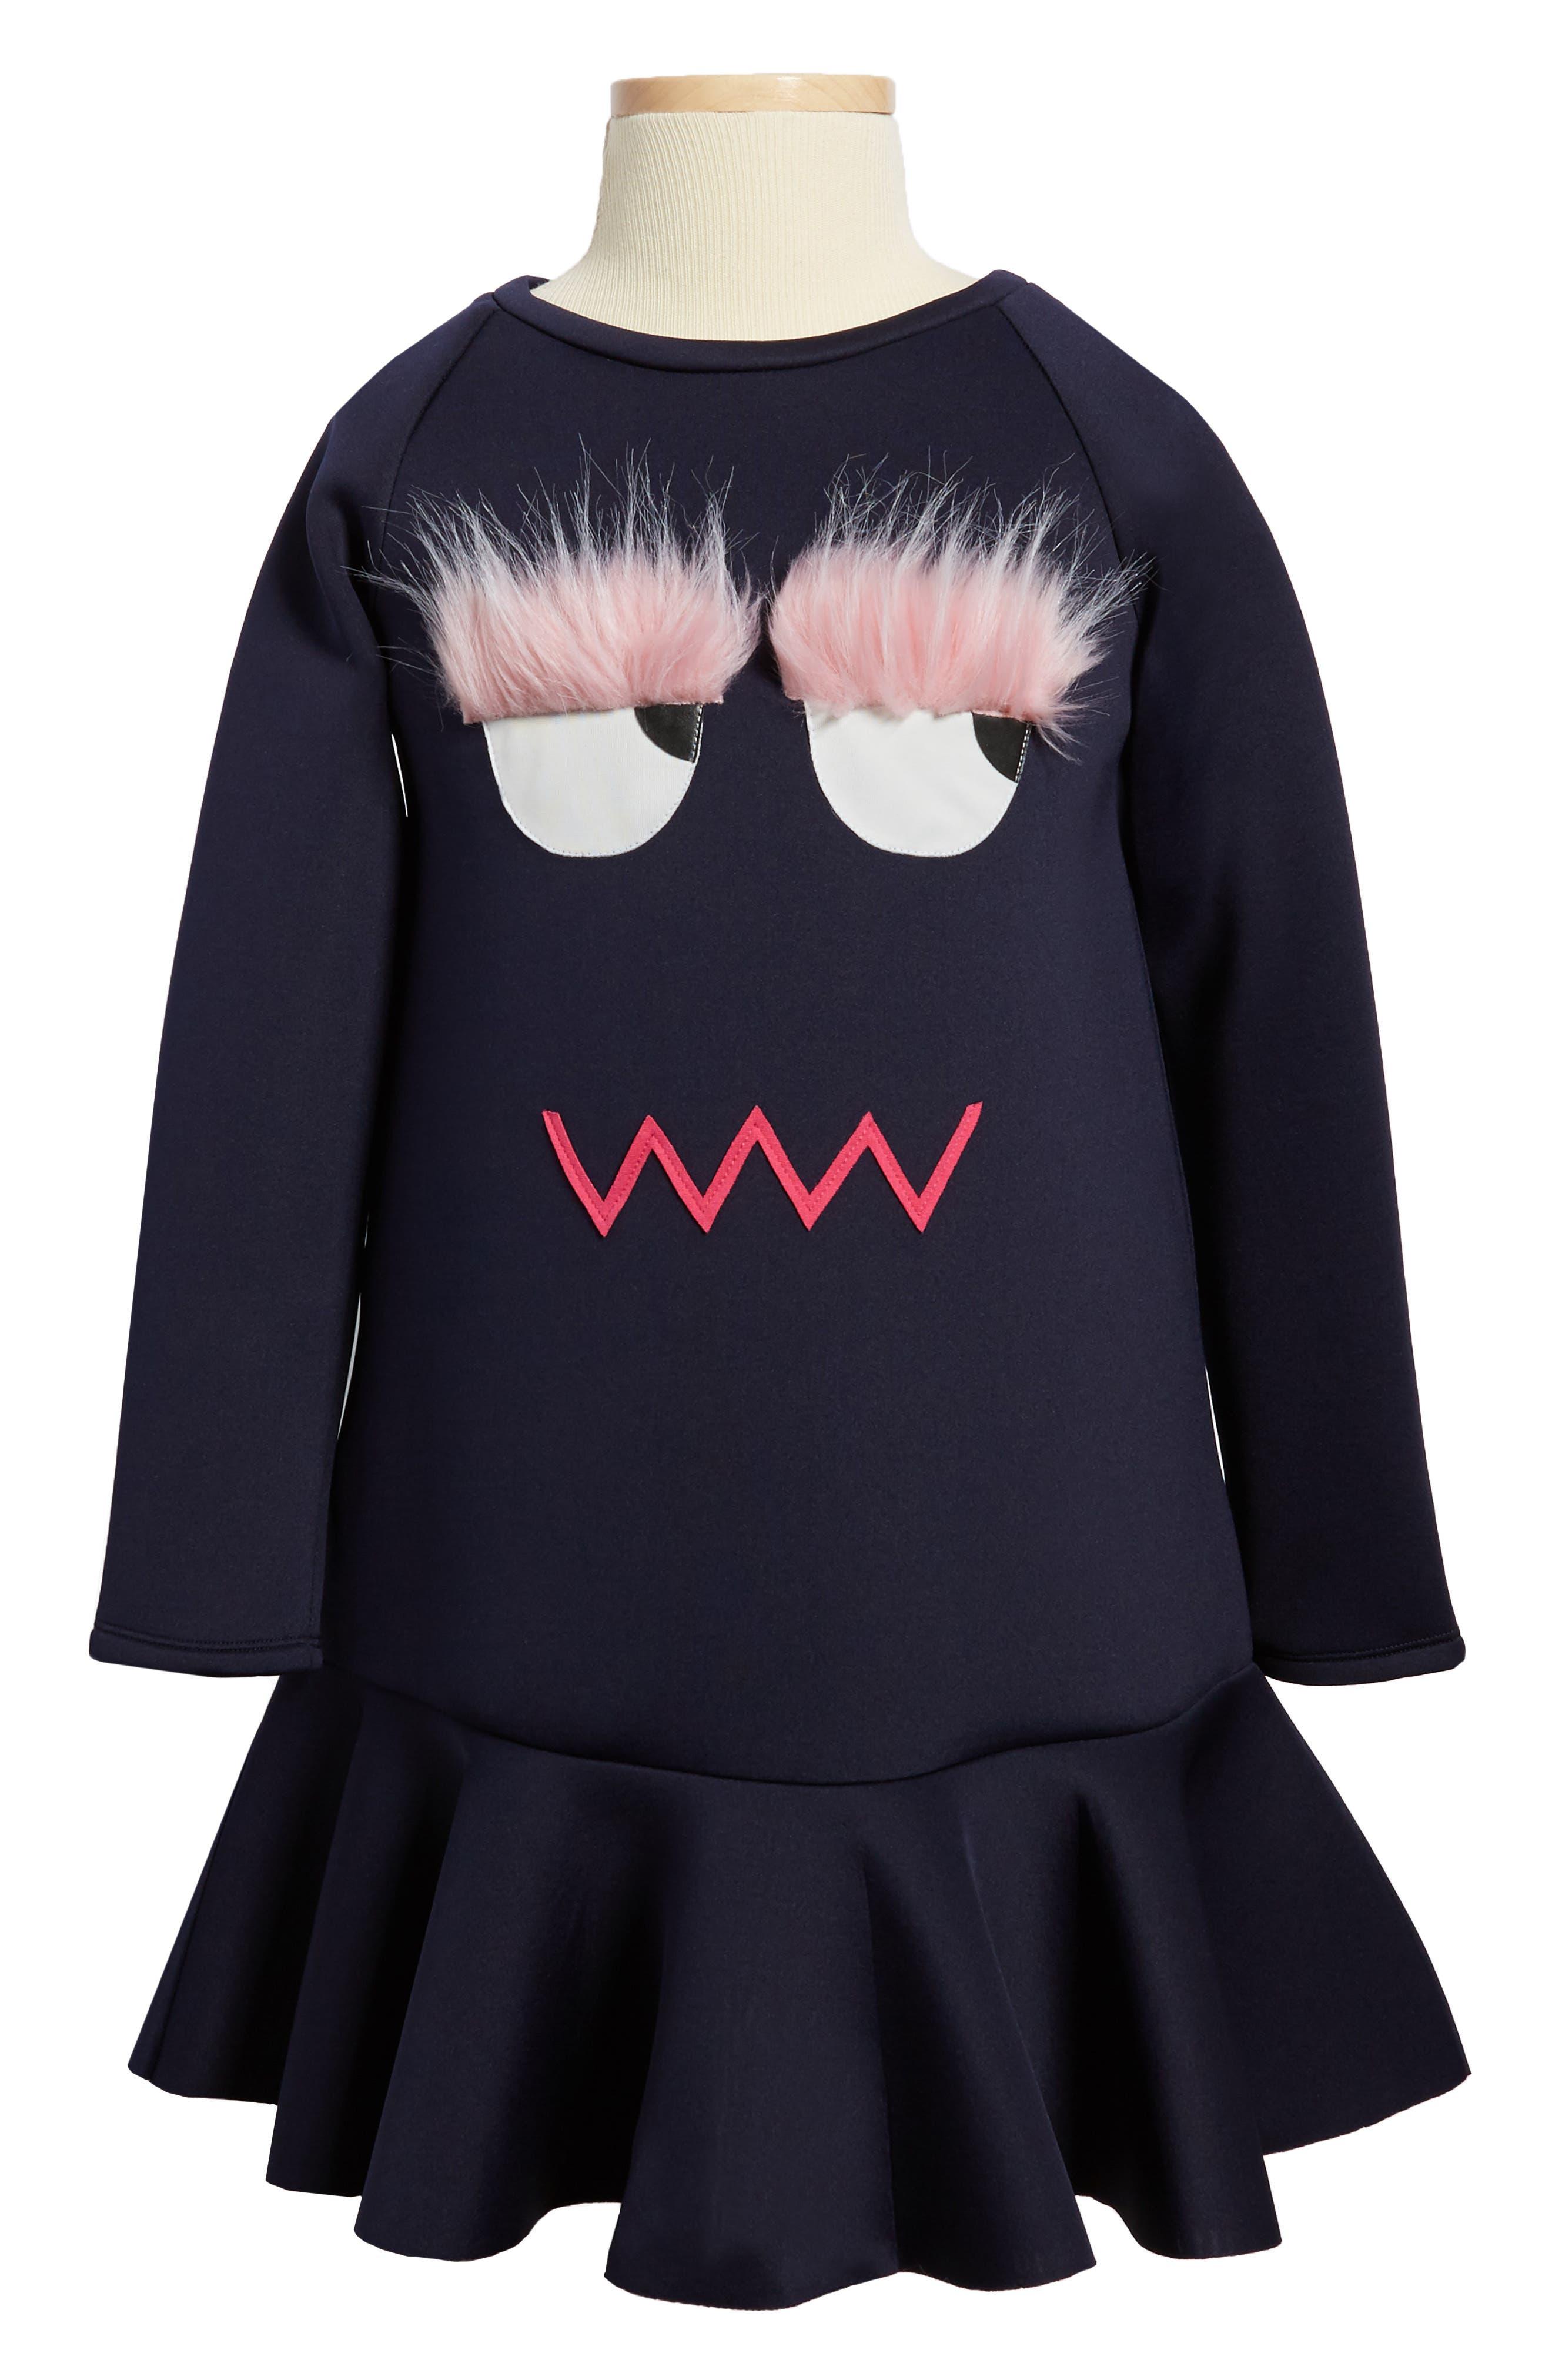 Main Image - Halabaloo Monster Scuba Dress (Toddler Girls, Little Girls & Big Girls)